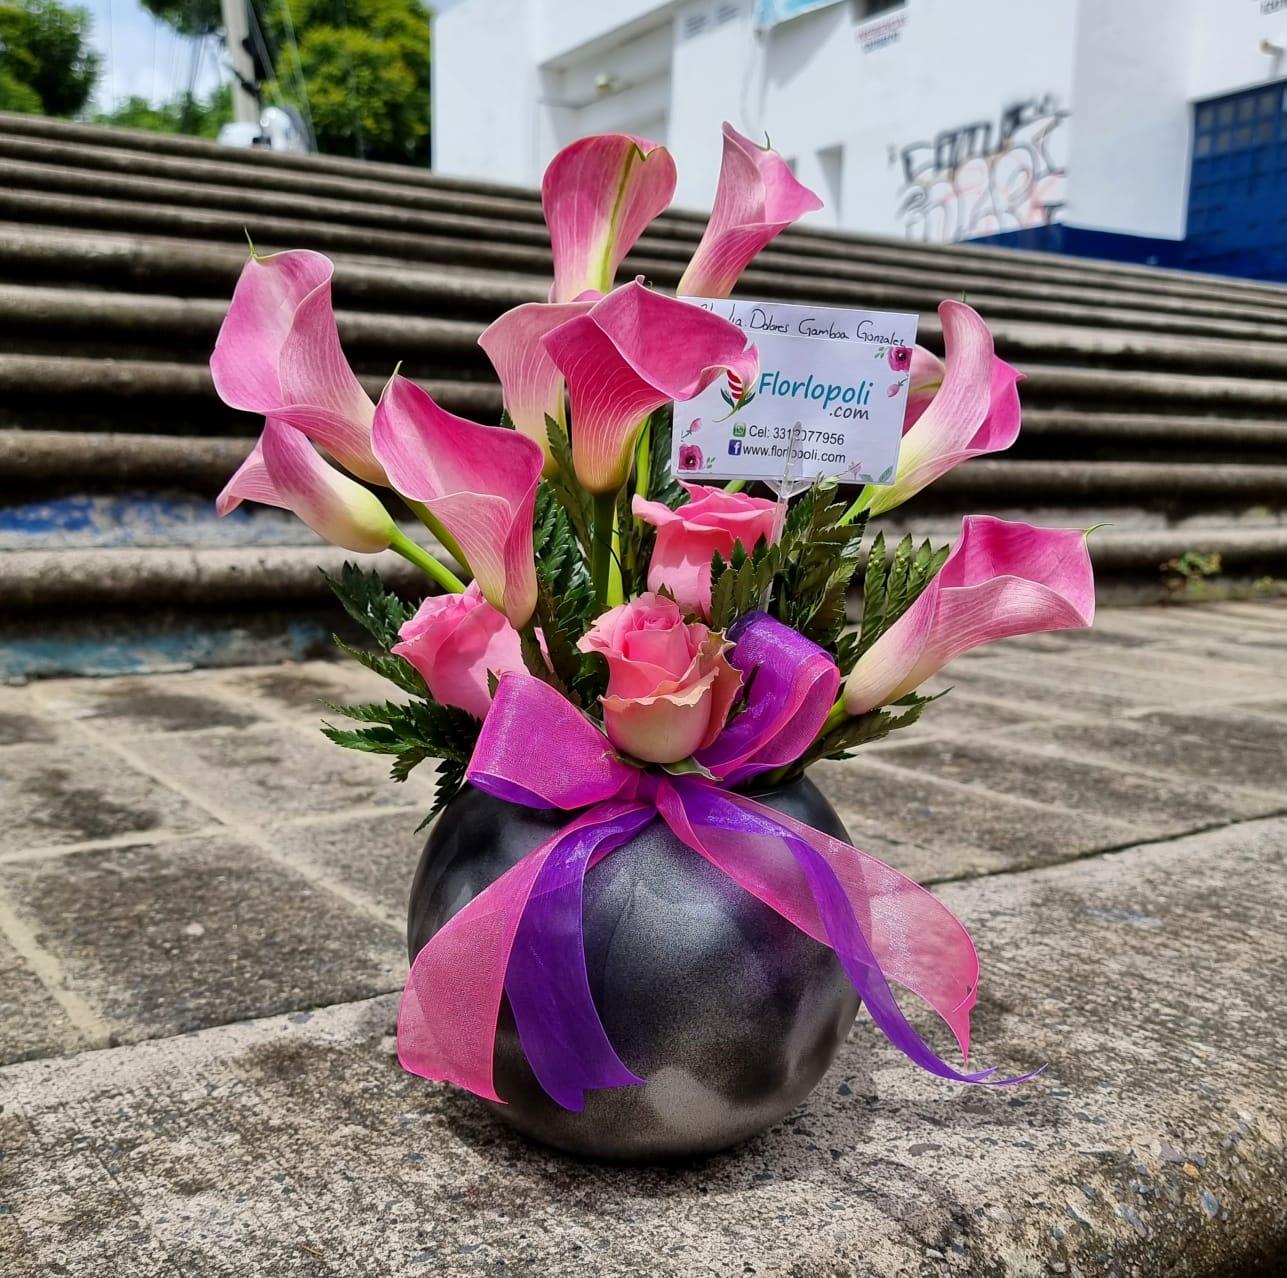 Arreglo floral de mini alcatraces rosas